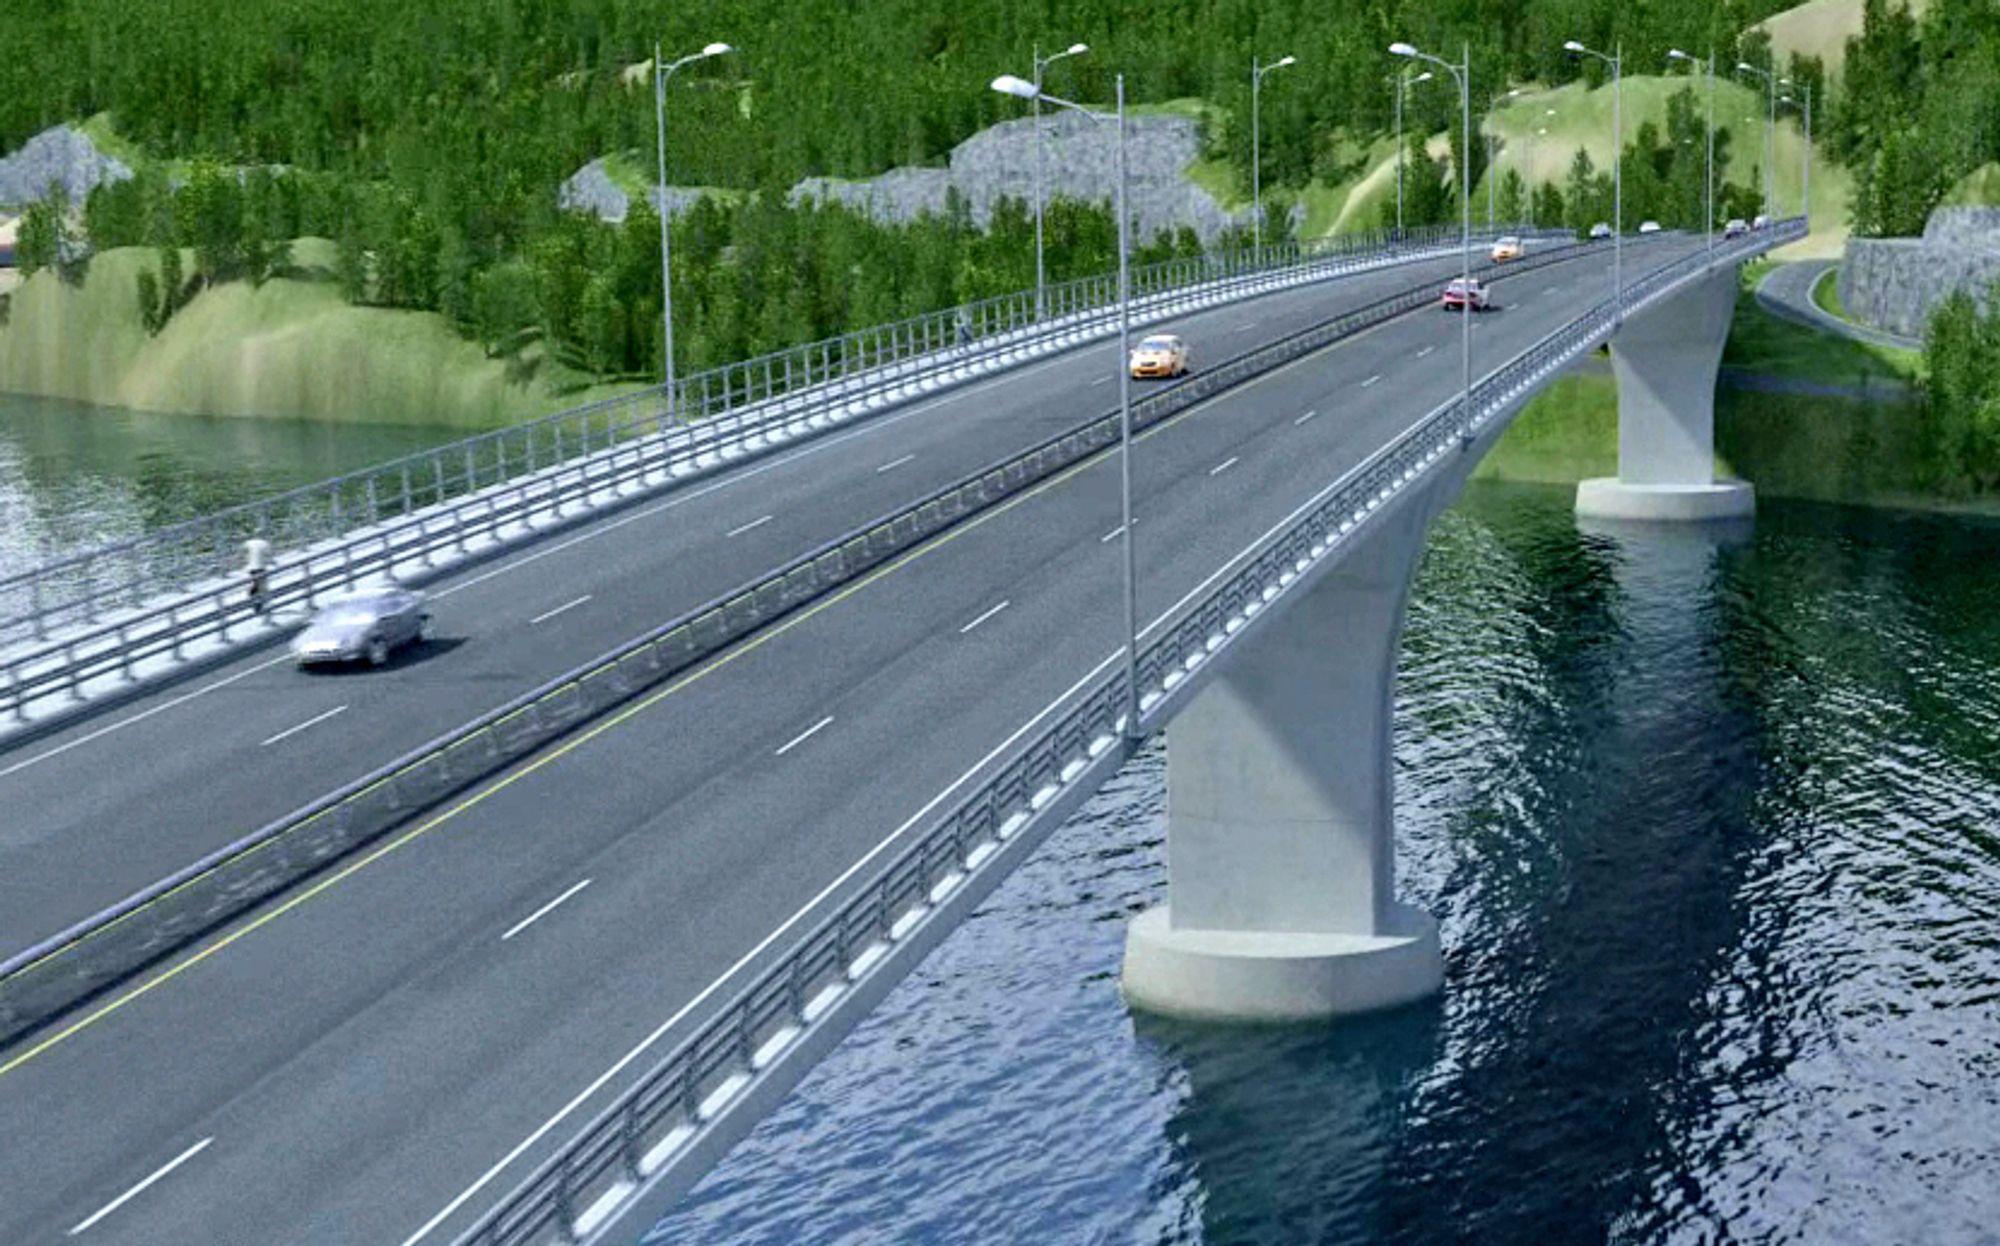 Dette blir Norges bredeste fritt-frambyggbru. Som ventet fikk Reinertsen jobben med å bygge den. Ill.: Aas-Jakobsen